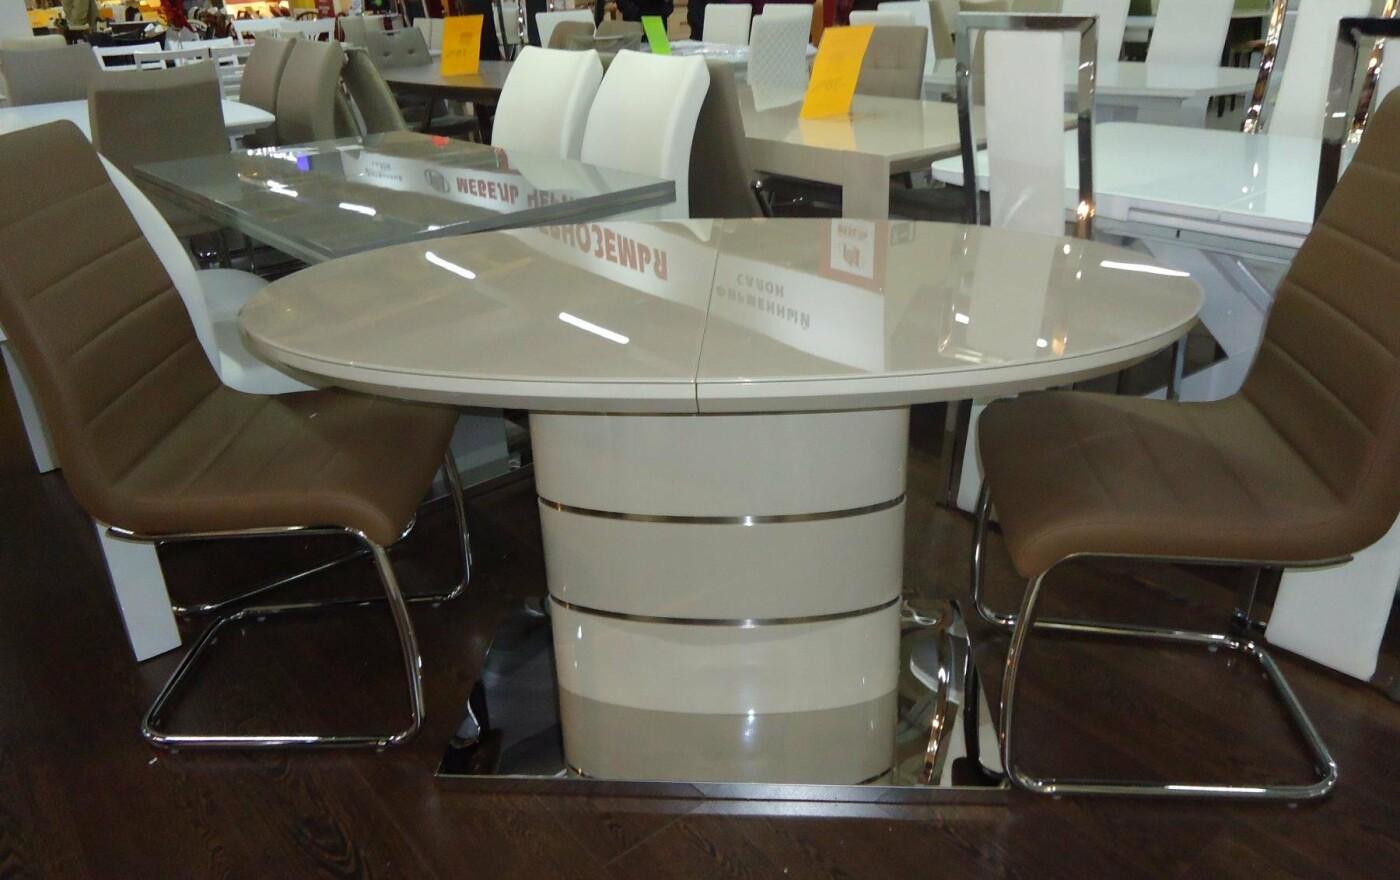 Тот самый, о котором мечталось. Салон «Просто Мебель» приглашает выбрать обеденный стол к Новому году, фото-17